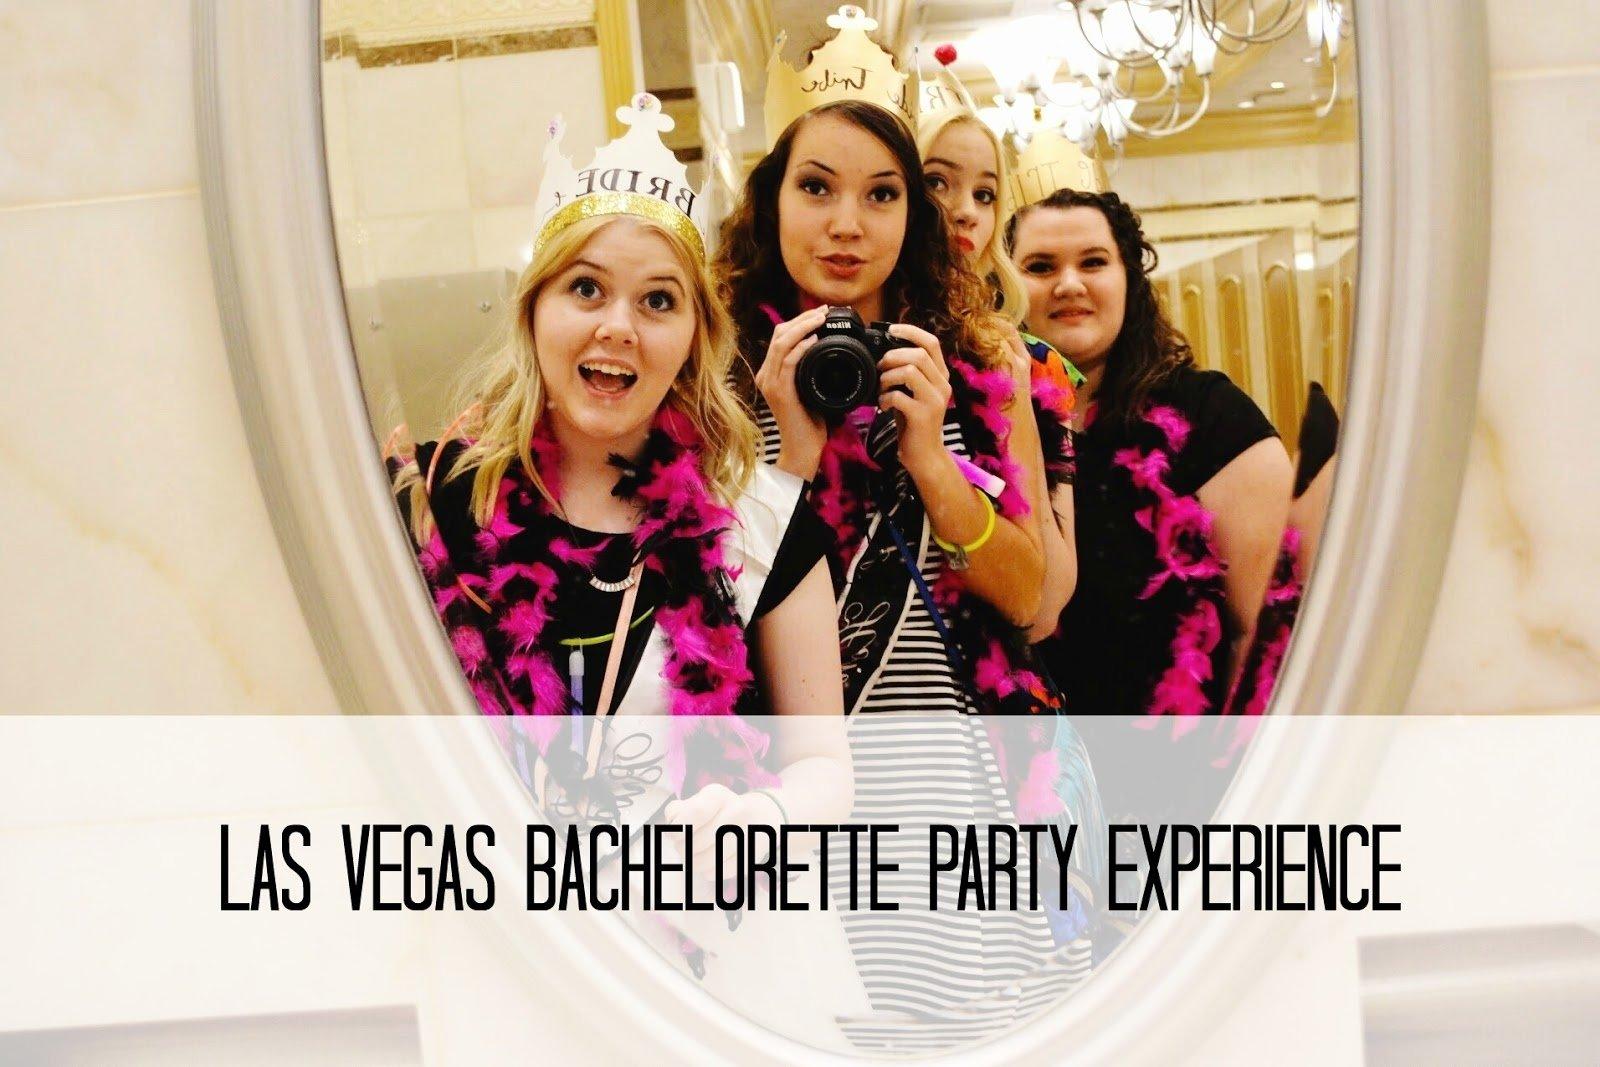 10 Most Popular Bachelorette Party Ideas For Under 21 rebecca etc crazy las vegas bachelorette party experience 2020